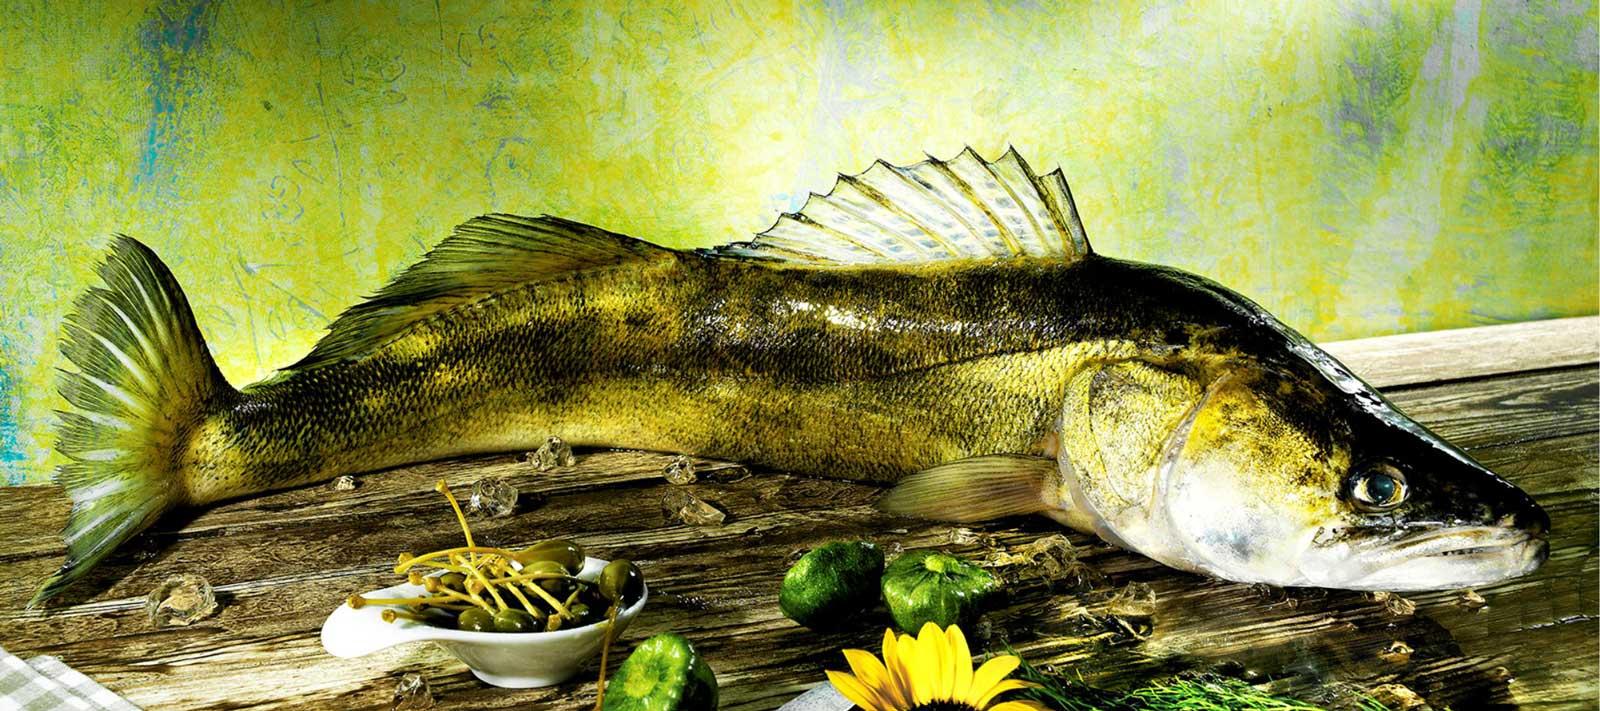 Ganzer-Fisch-Suesswasser